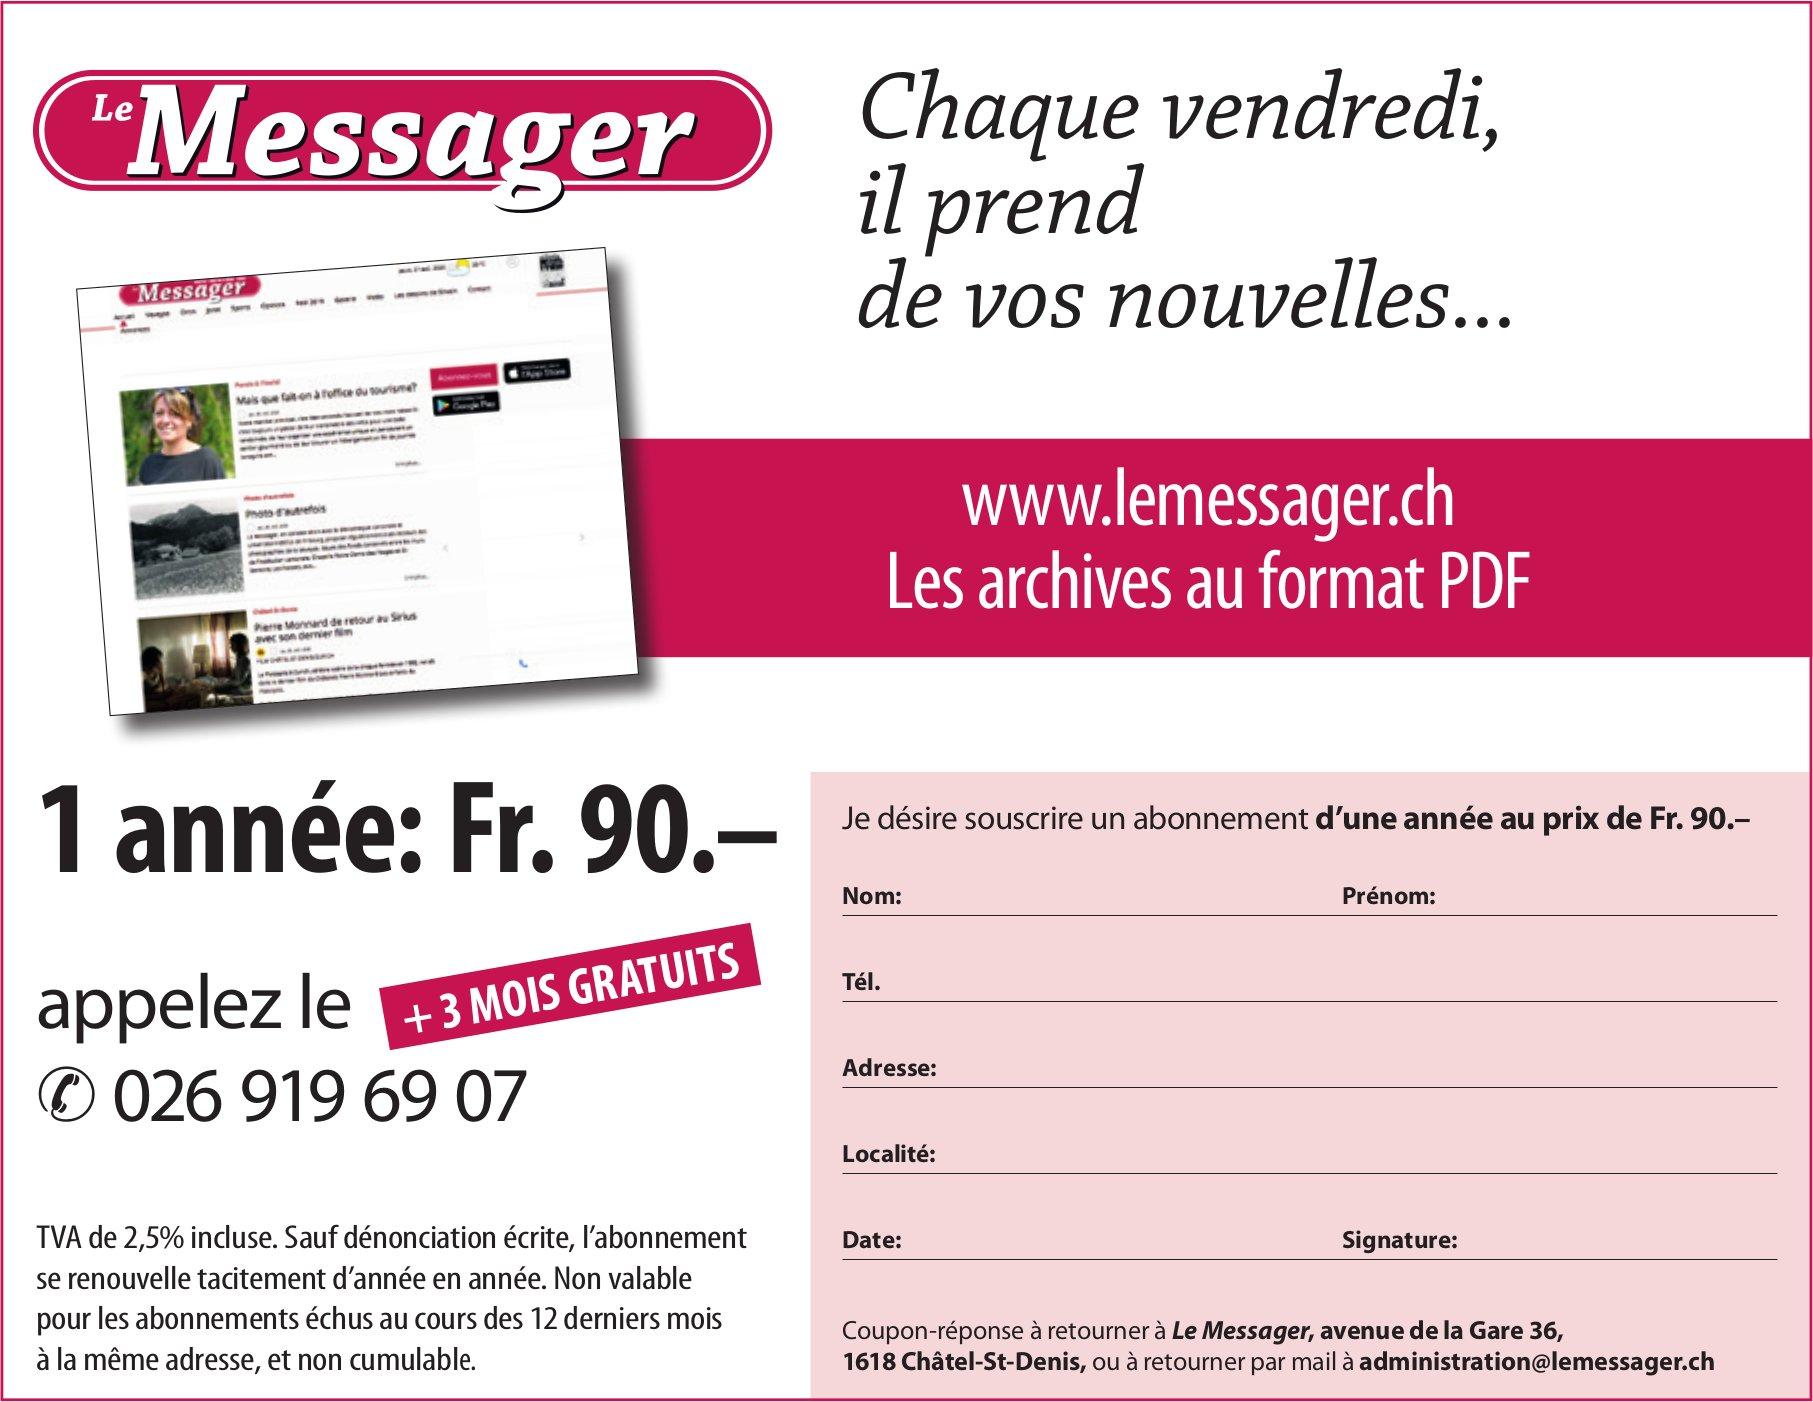 Le Messager - Chaque vendredi, il prend de vos nouvelles...